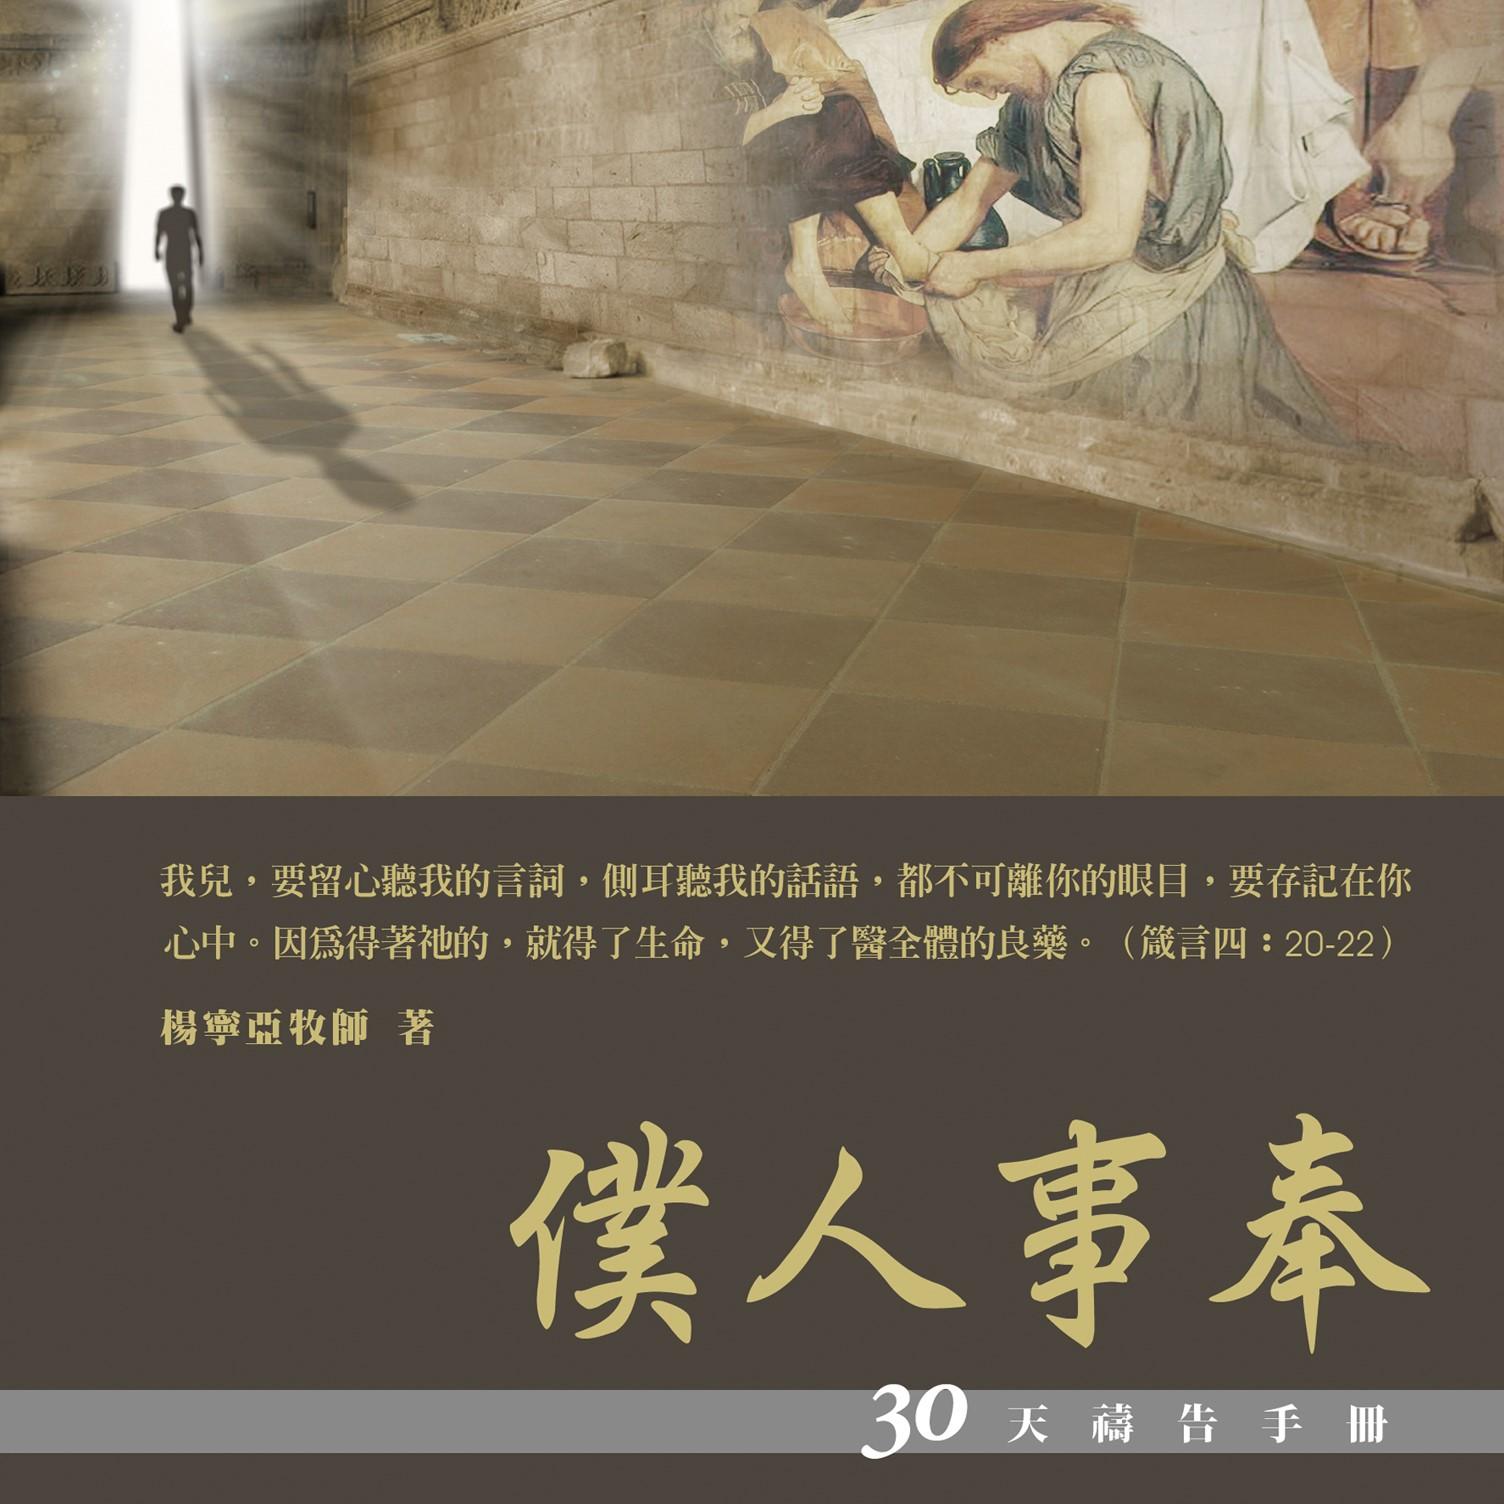 12.僕人事奉-第3天-12.Servant Ministry-day3 謙卑的心